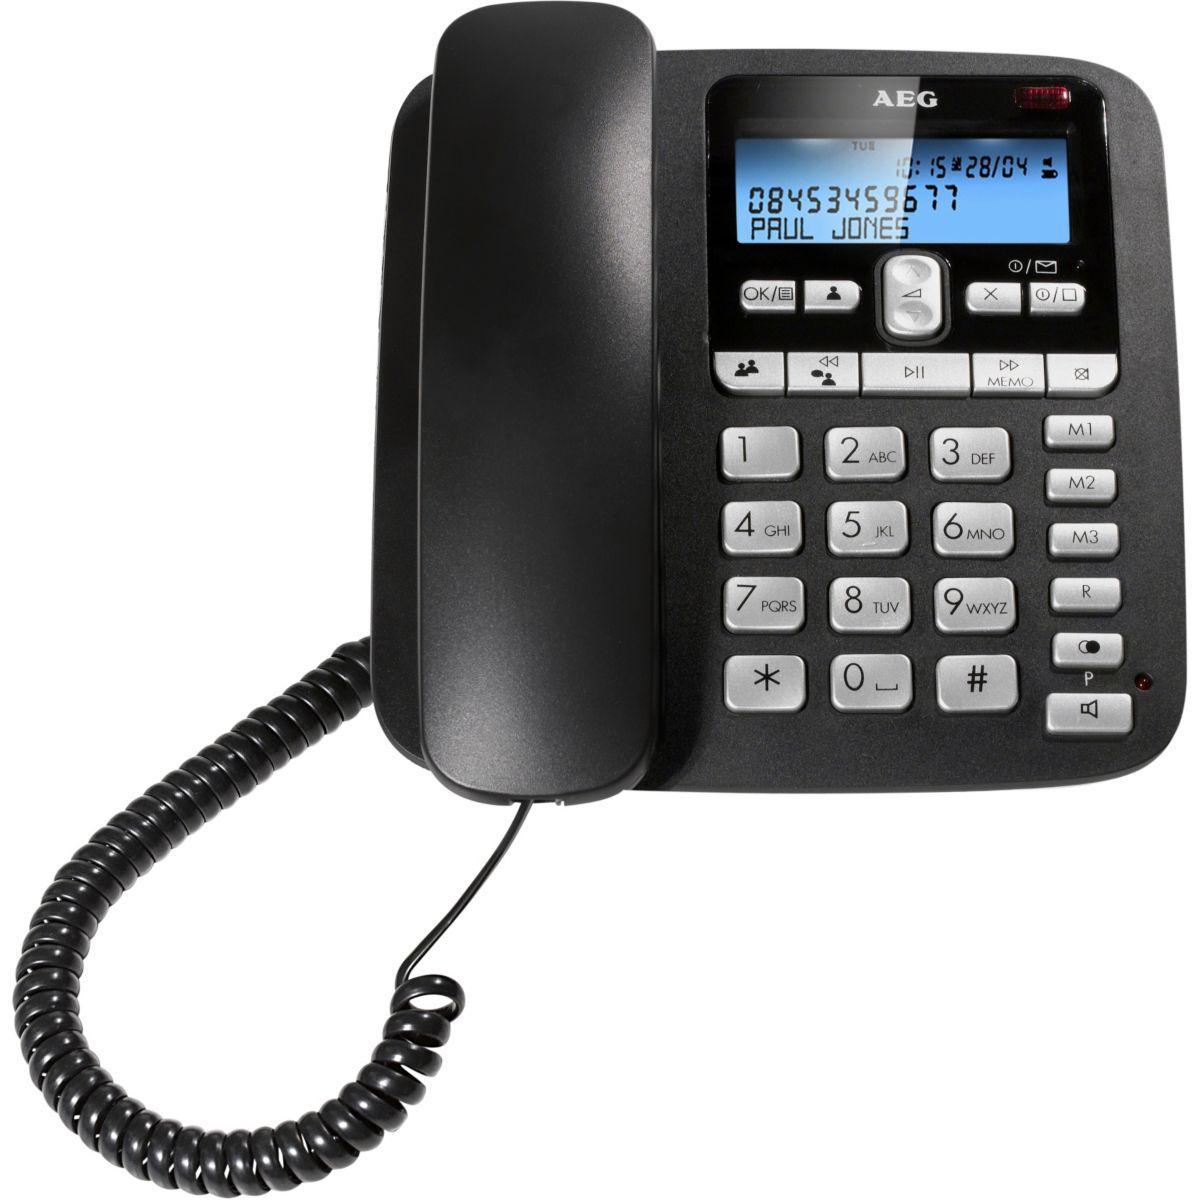 Téléphone répondeur filaire aeg c115 voxtel - 10% de remise immédiate avec le code : wd10 (photo)